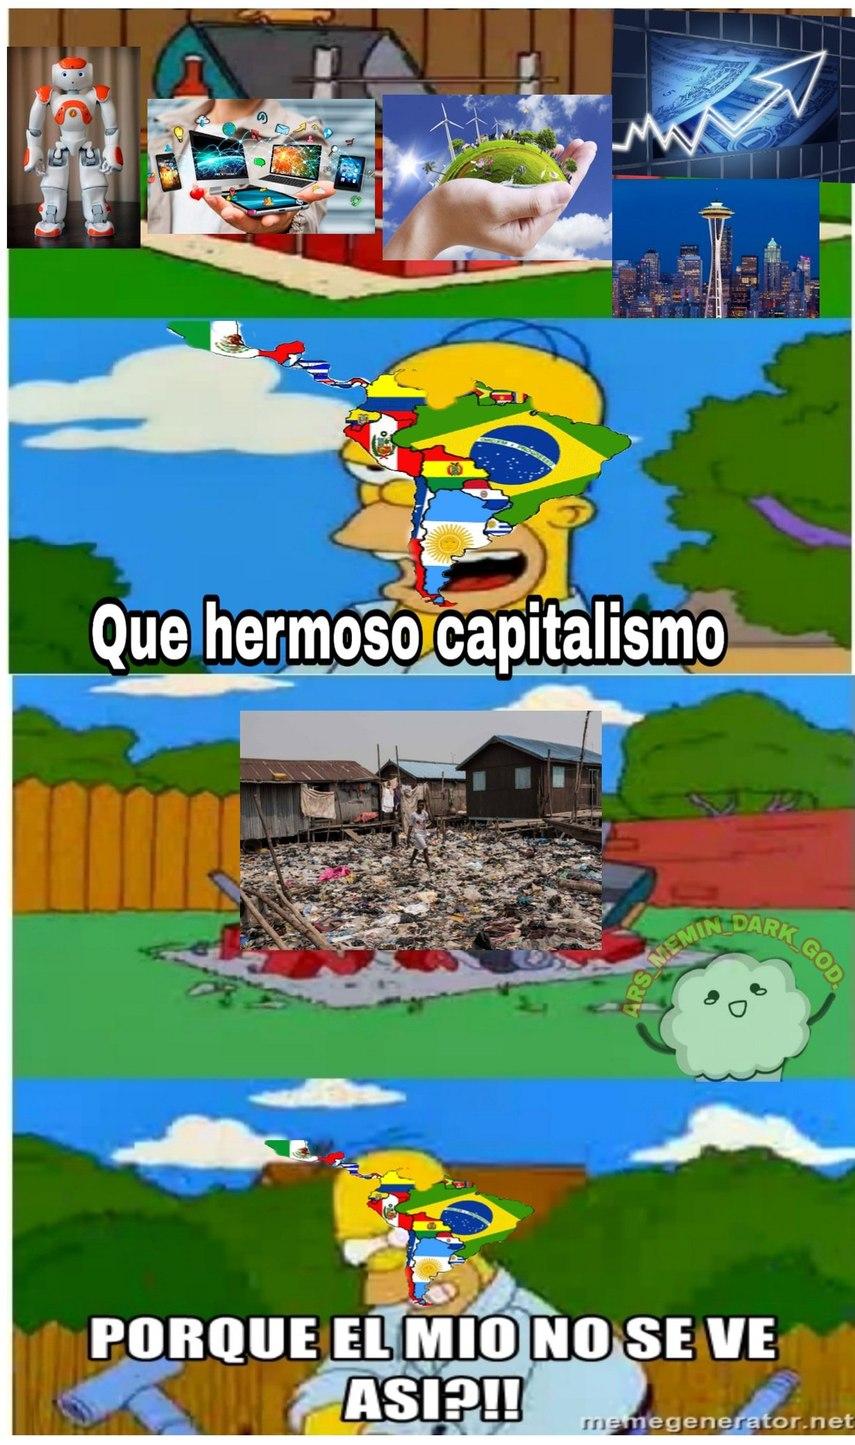 Esque andamos en un capitalismo keynesiano o algo así xD - meme